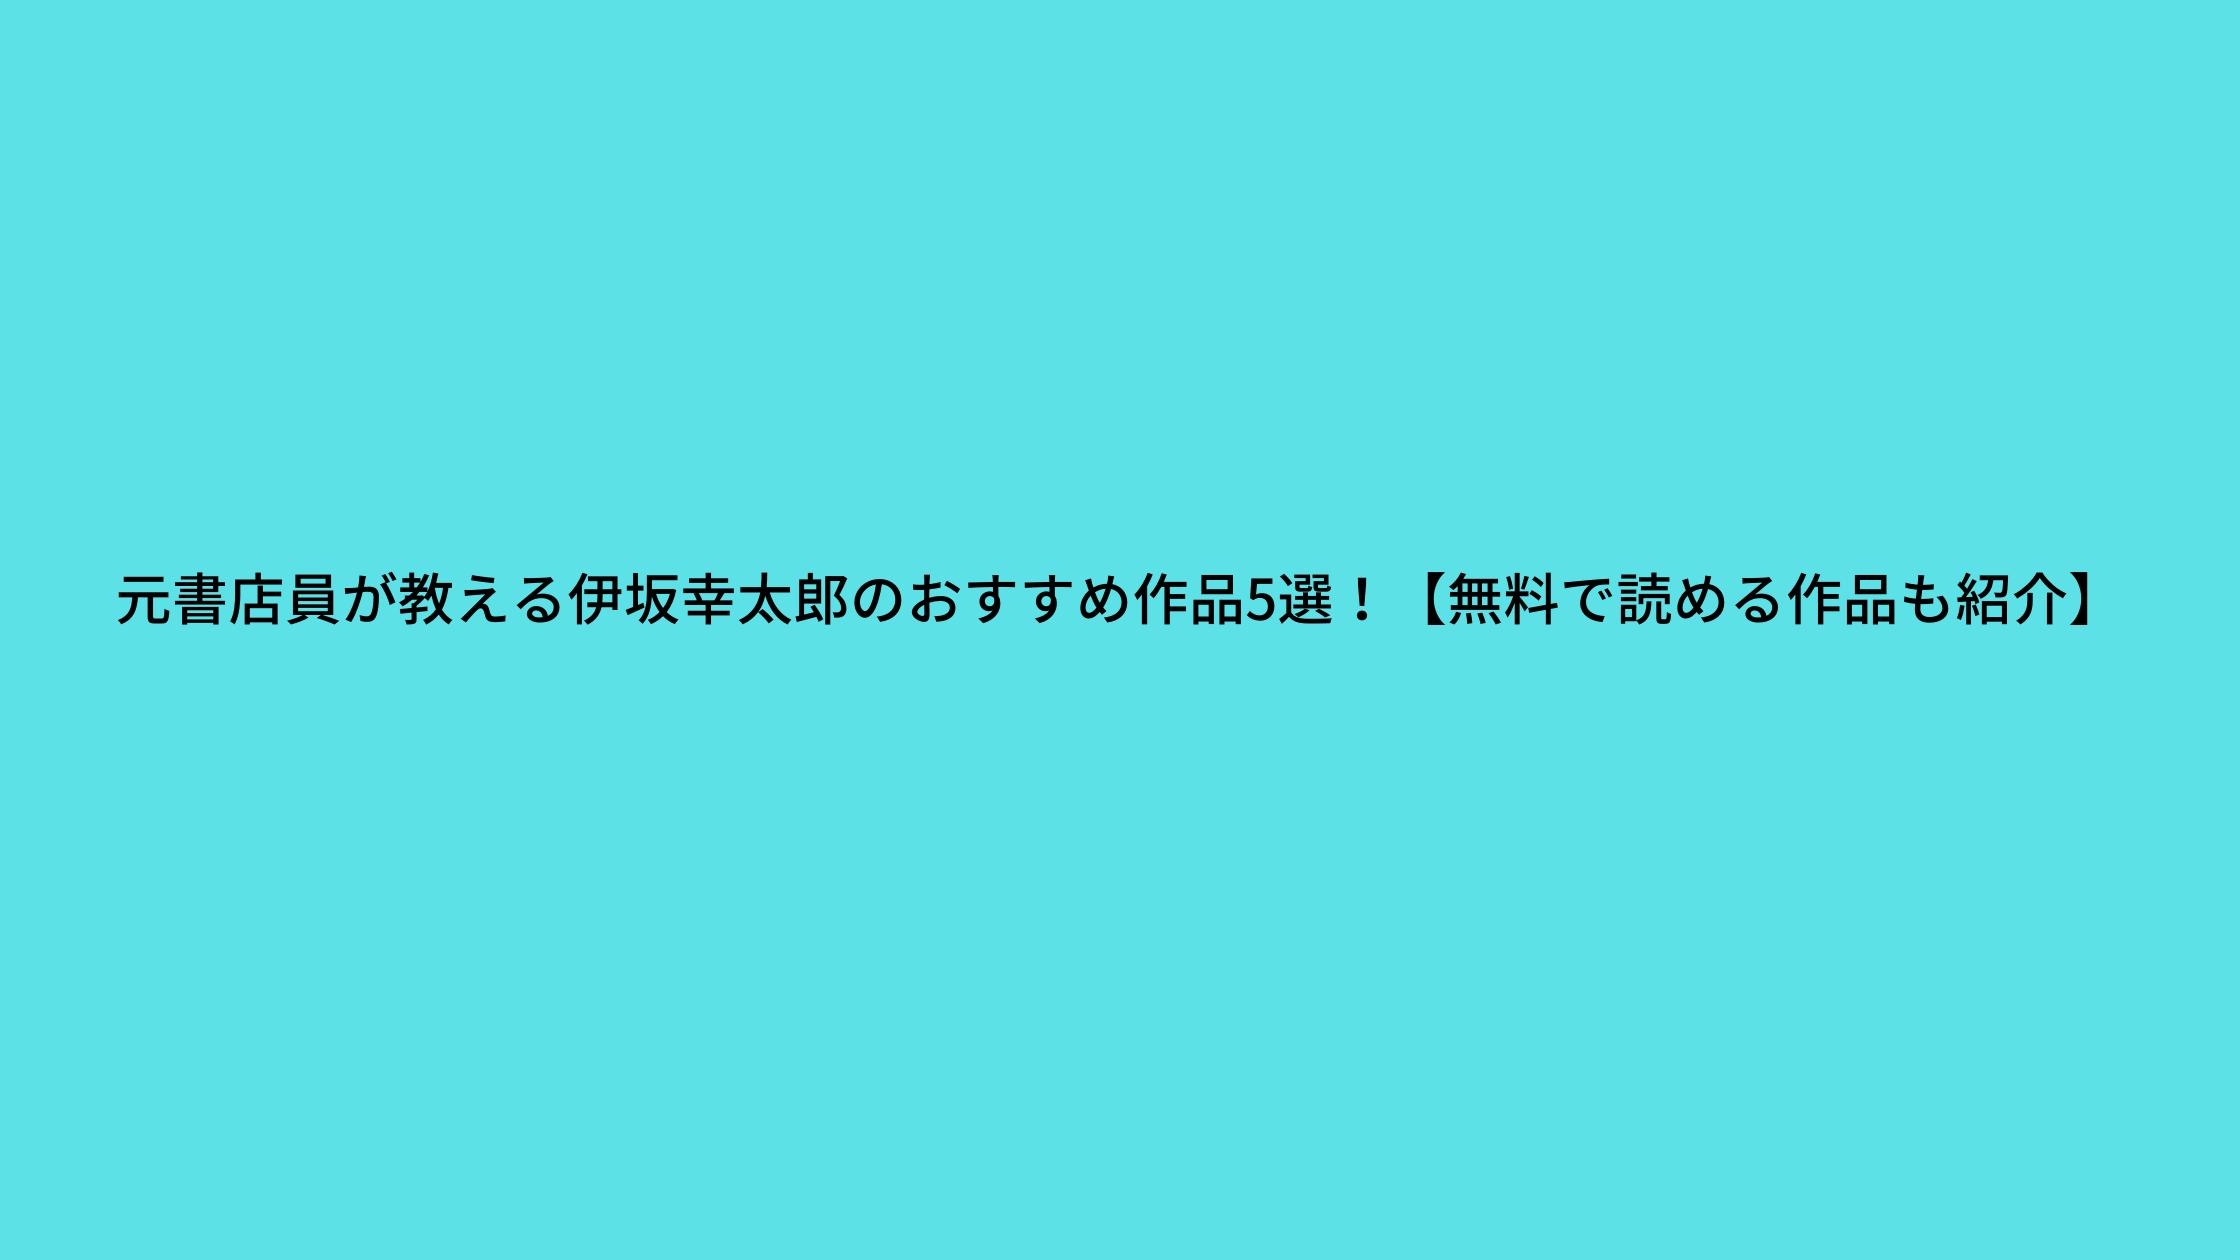 元書店員が教える伊坂幸太郎のおすすめ作品5選!【無料で読める作品も紹介】